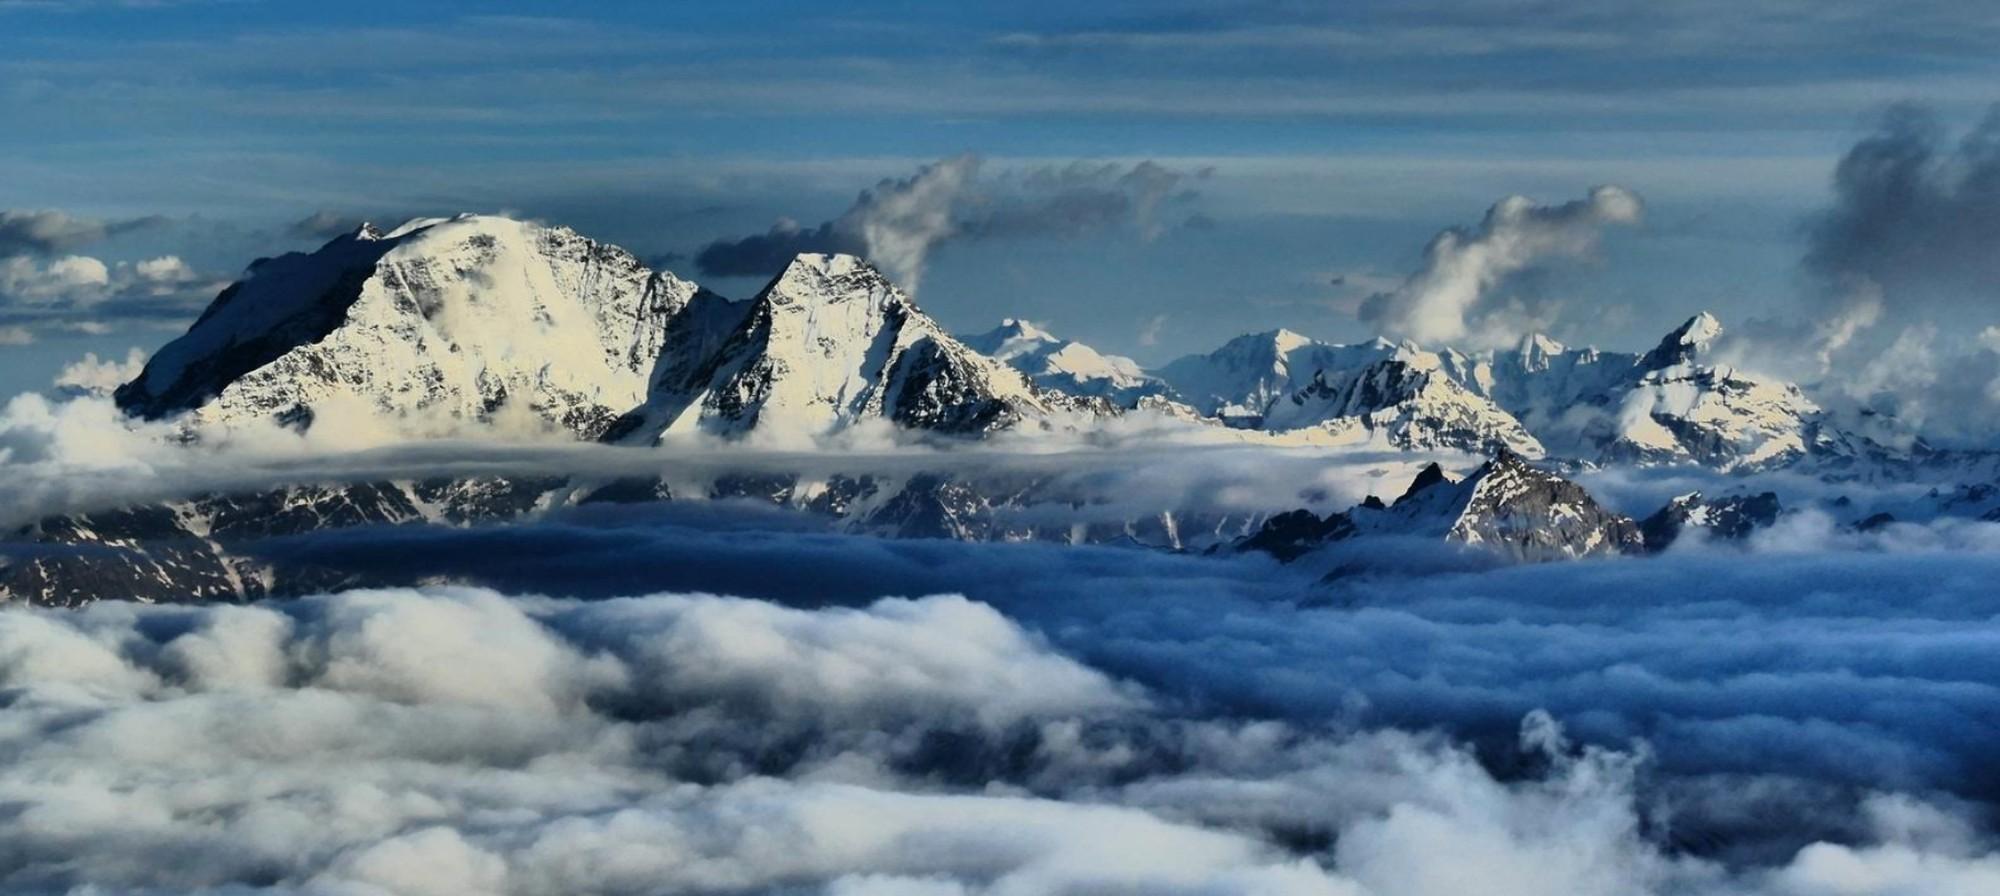 25 Elbrus